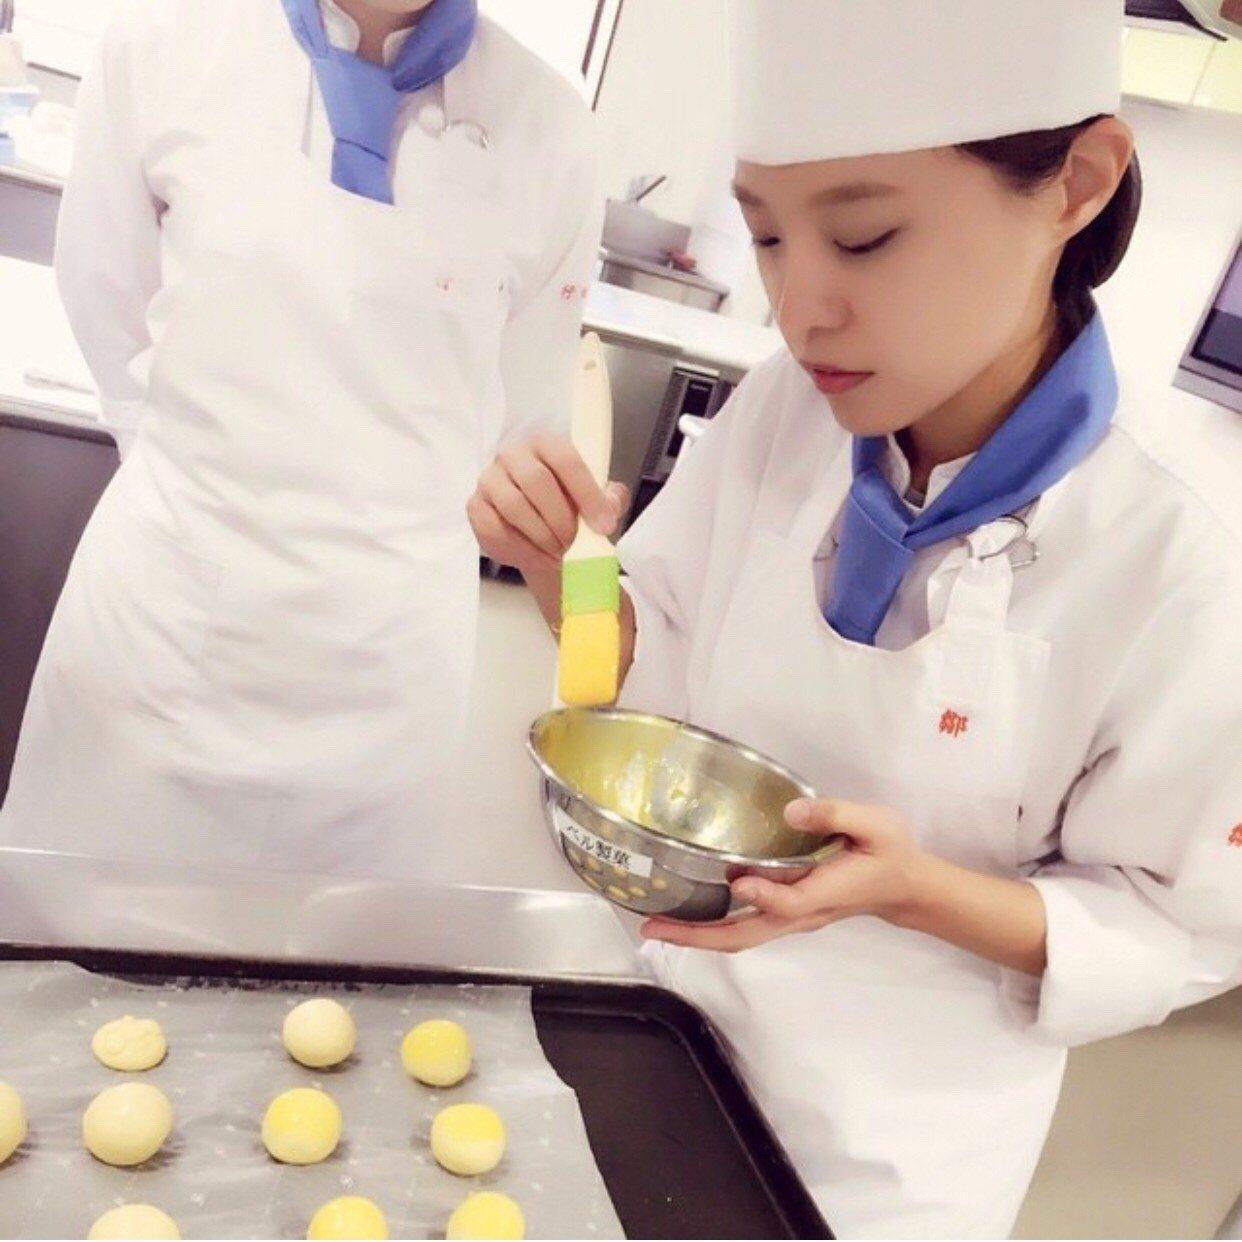 鄒曼荻在東京優雅製菓調理專門學校 進修期間,考取「製菓衛生師」。圖/至善高中提供